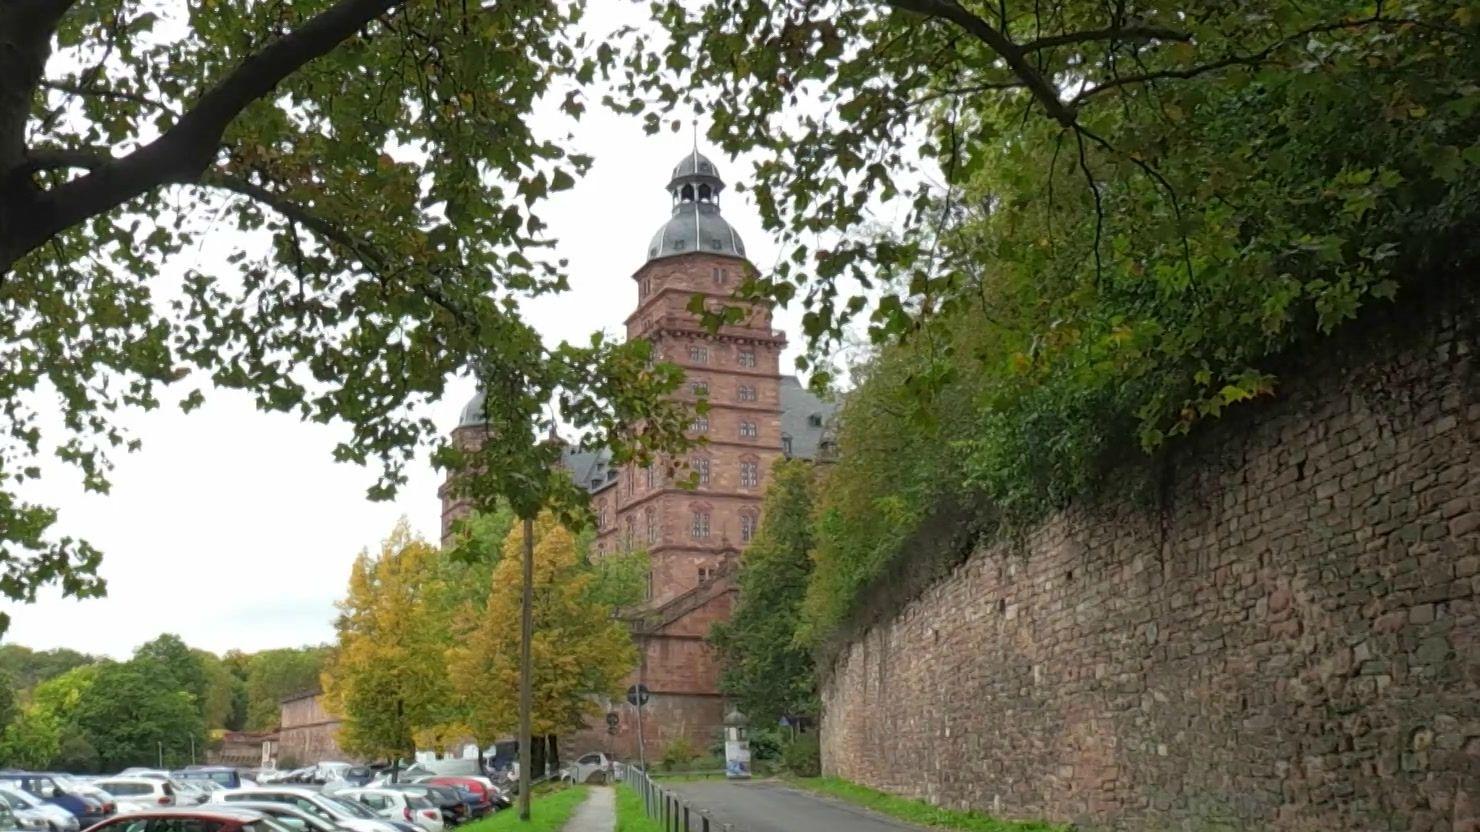 Archiv: Aschaffenburger Schloss Johannisburg